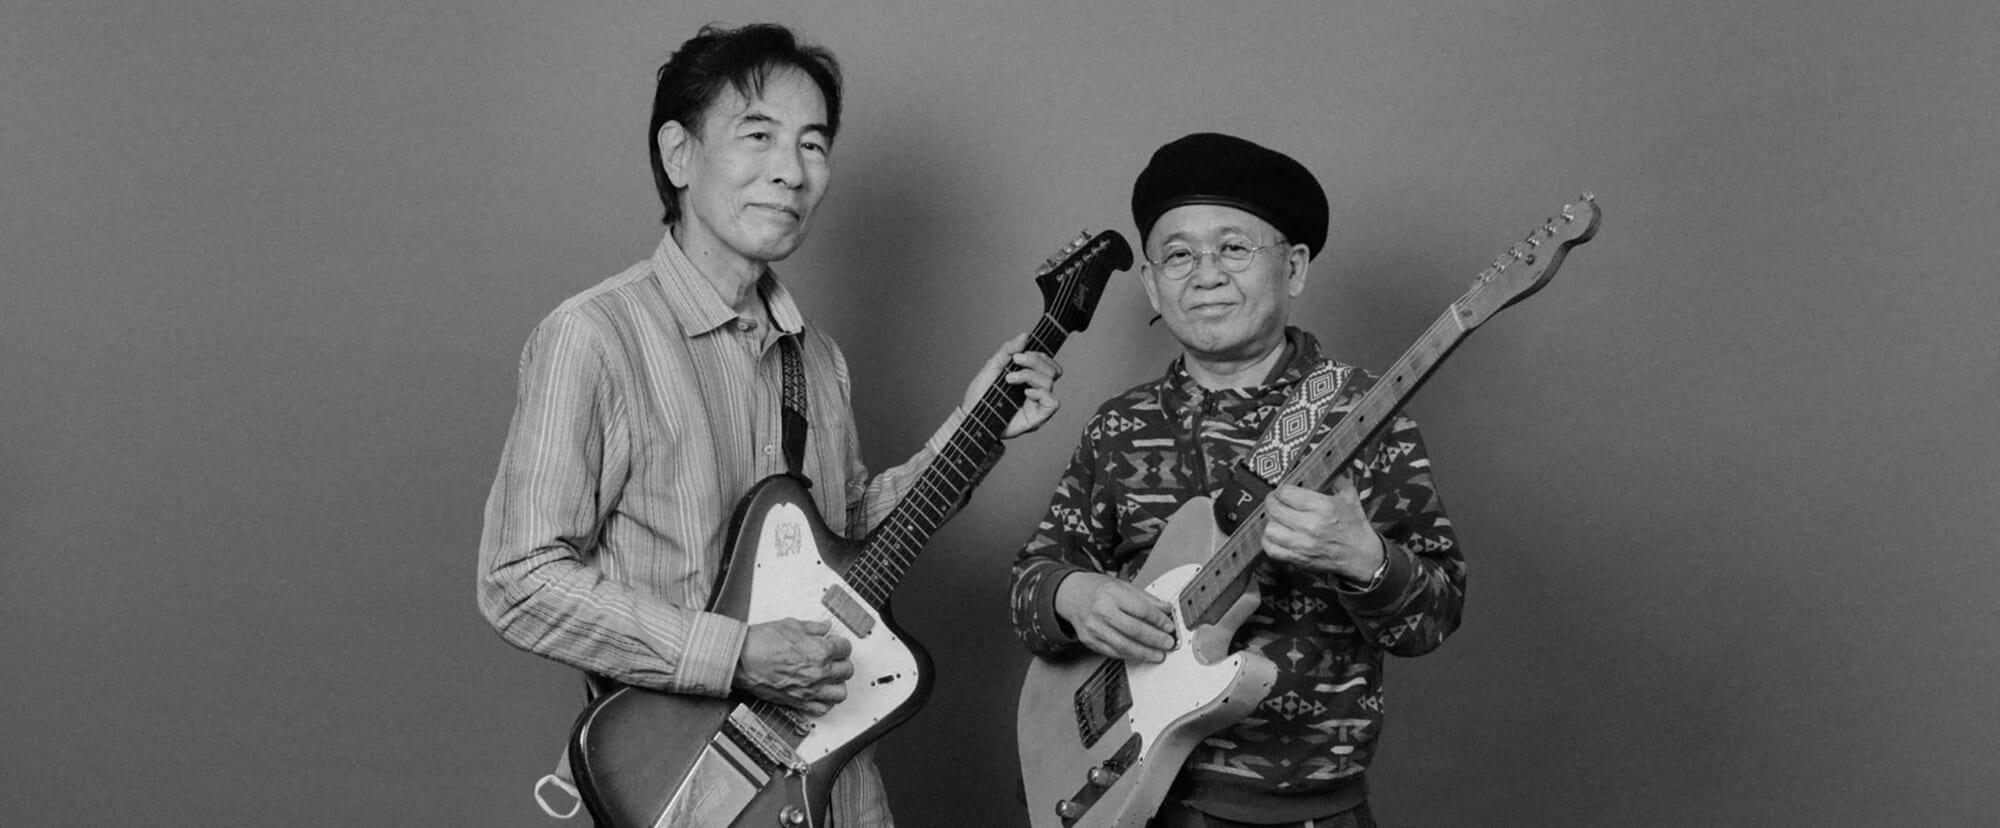 夏のナイアガラ・ギター放談!鈴木茂 × 村松邦男(前編)